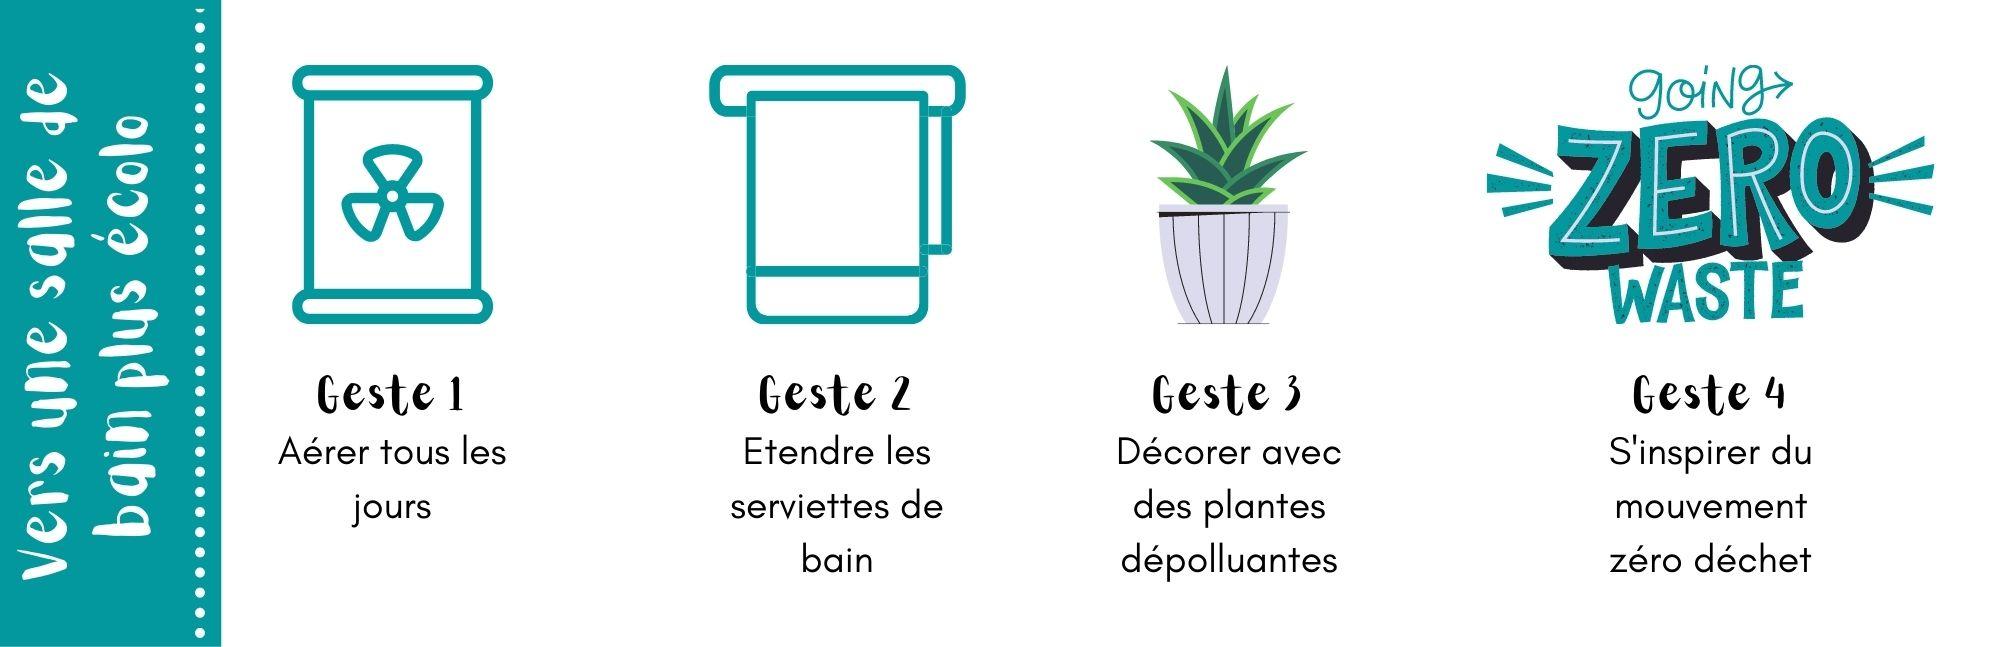 4 gestes quotidiens faciles pour une salle de bain plus responsable